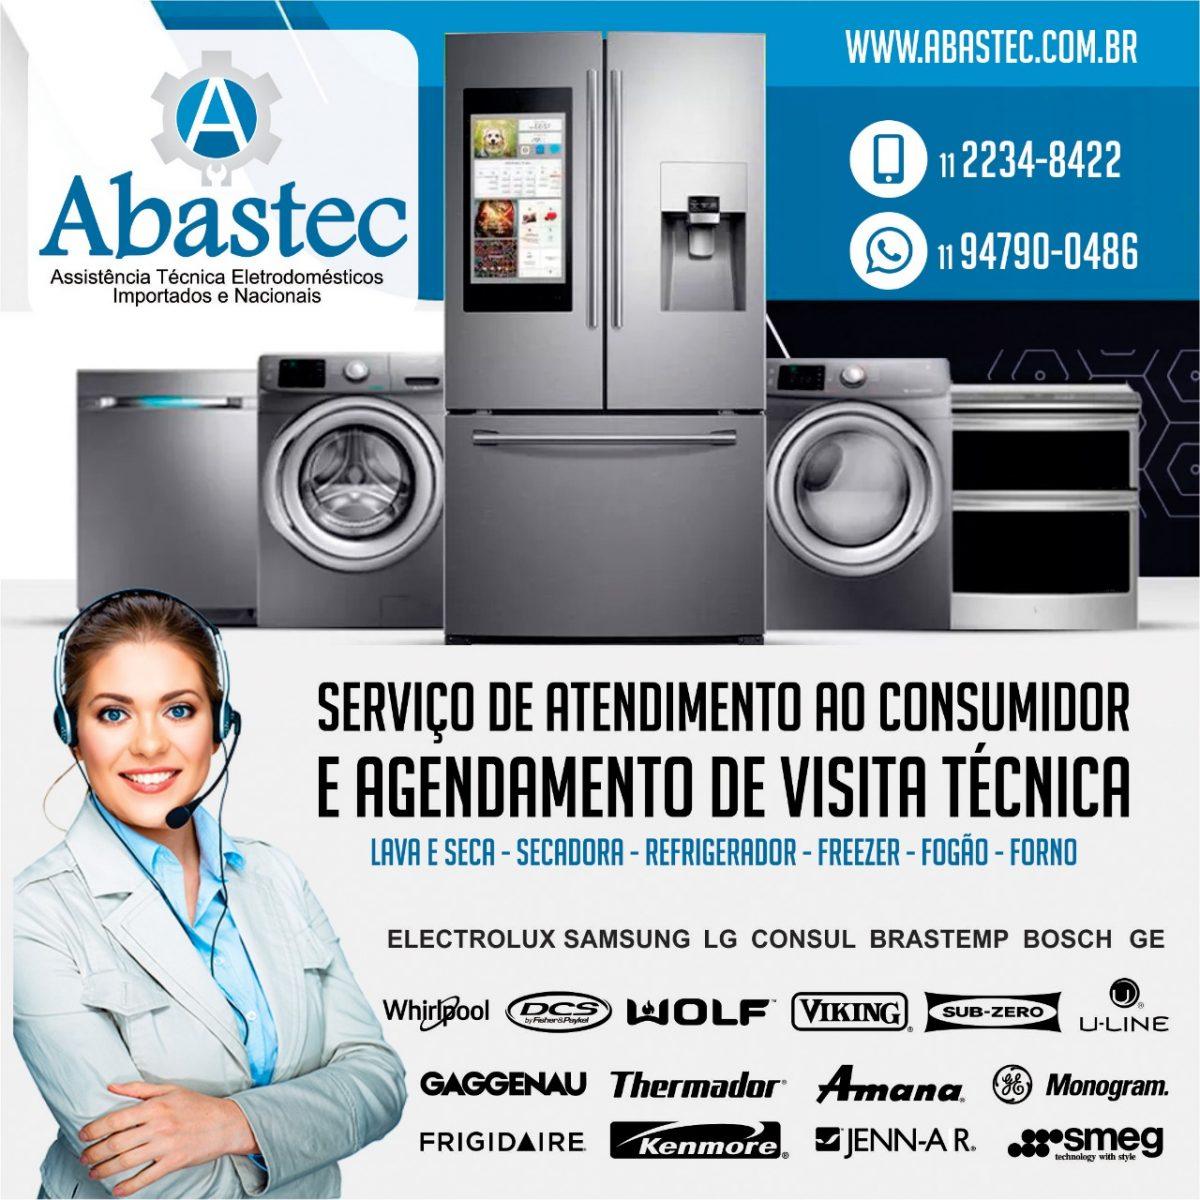 abastec.com.br